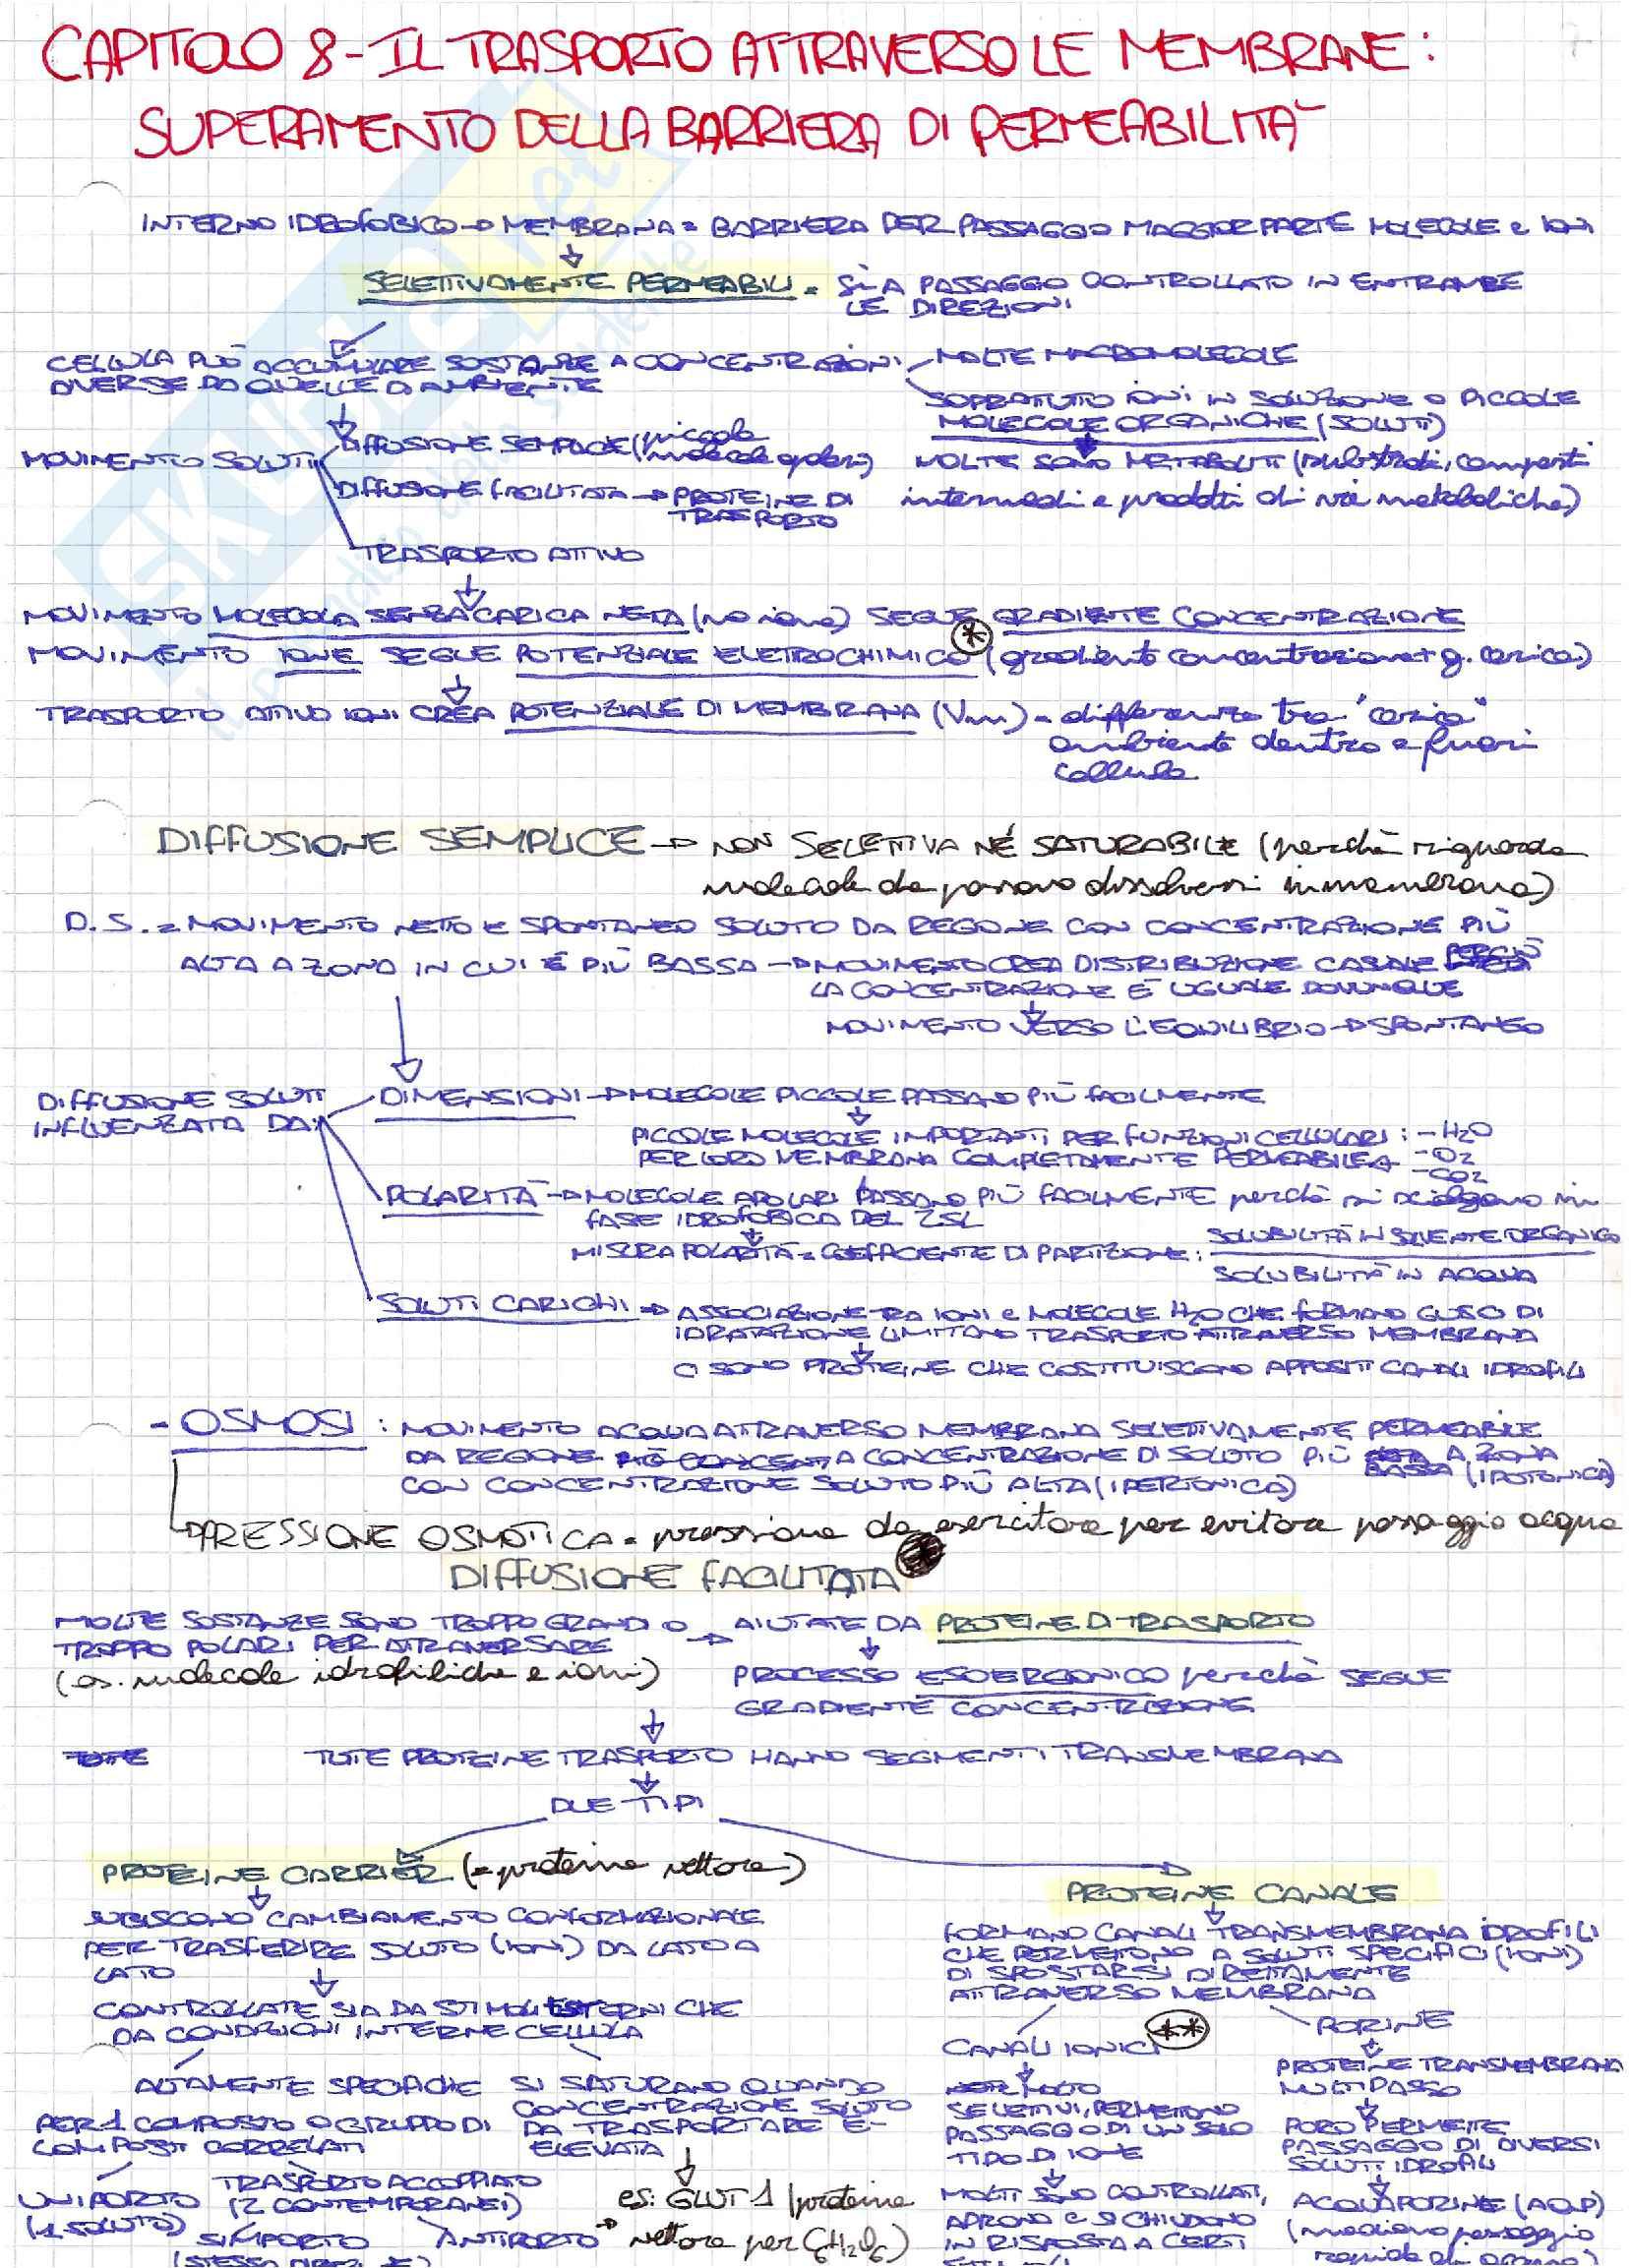 Schemi di biologia generale e cellulare per l'esame della prof. Patrizia Limonta sui meccanismi di trasporto attraverso la membrana cellulare